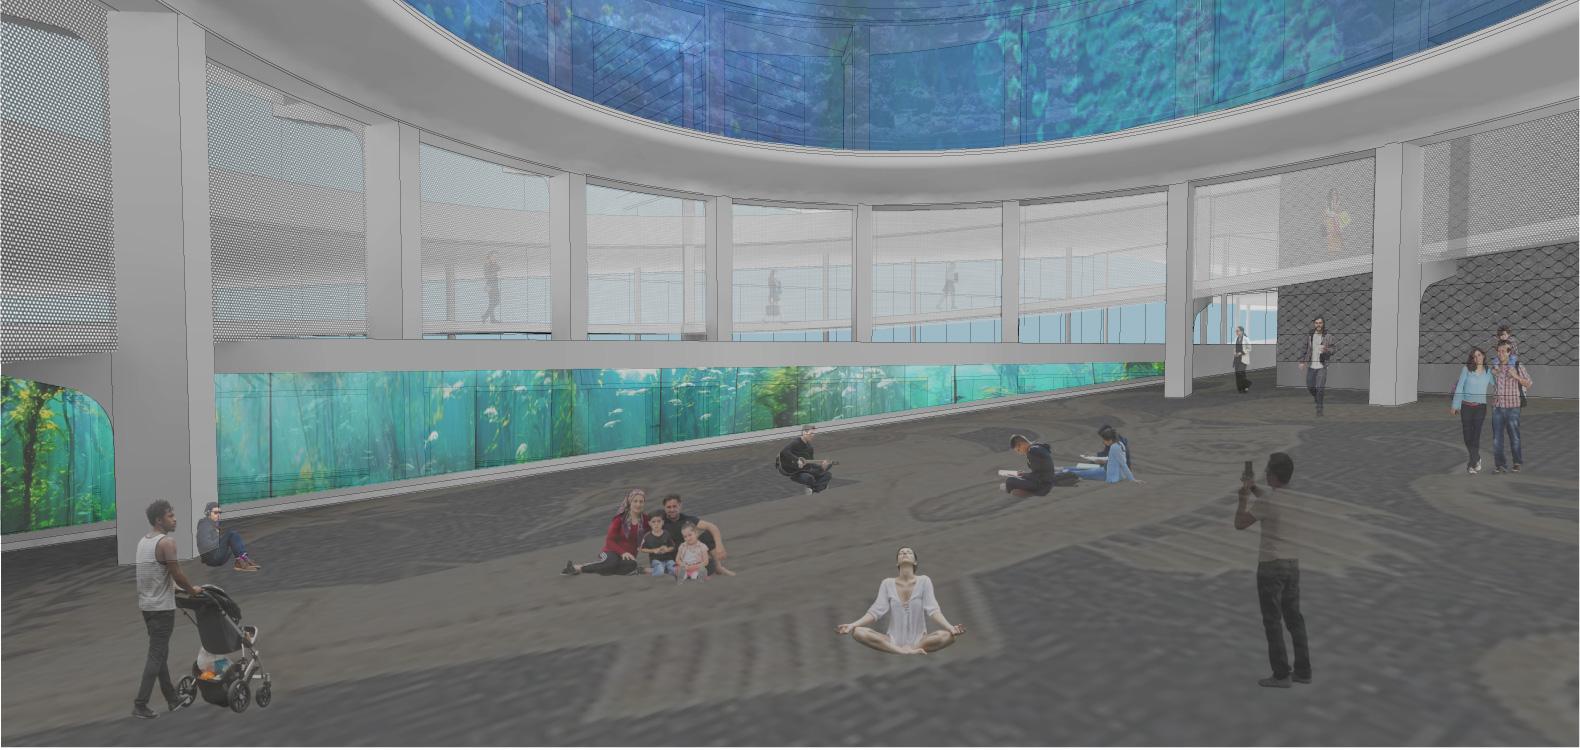 12_wunderground_aquarium_architectural_competition_perspective.jpg